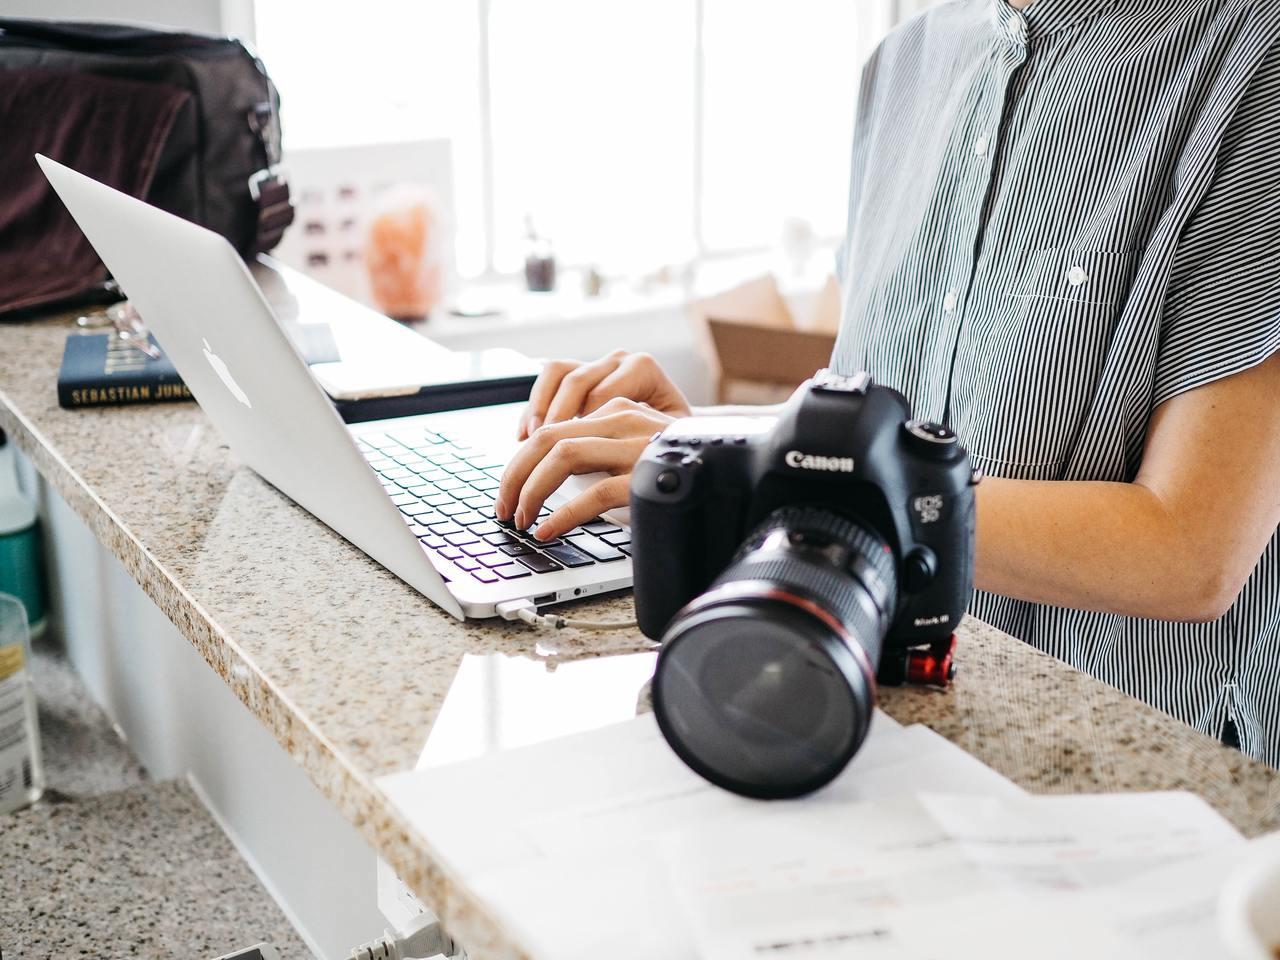 Понад $1000 на фрілансі, фотографуванні та власних сайтах: додатковий заробіток IT-фахівців - tech, news, people, story